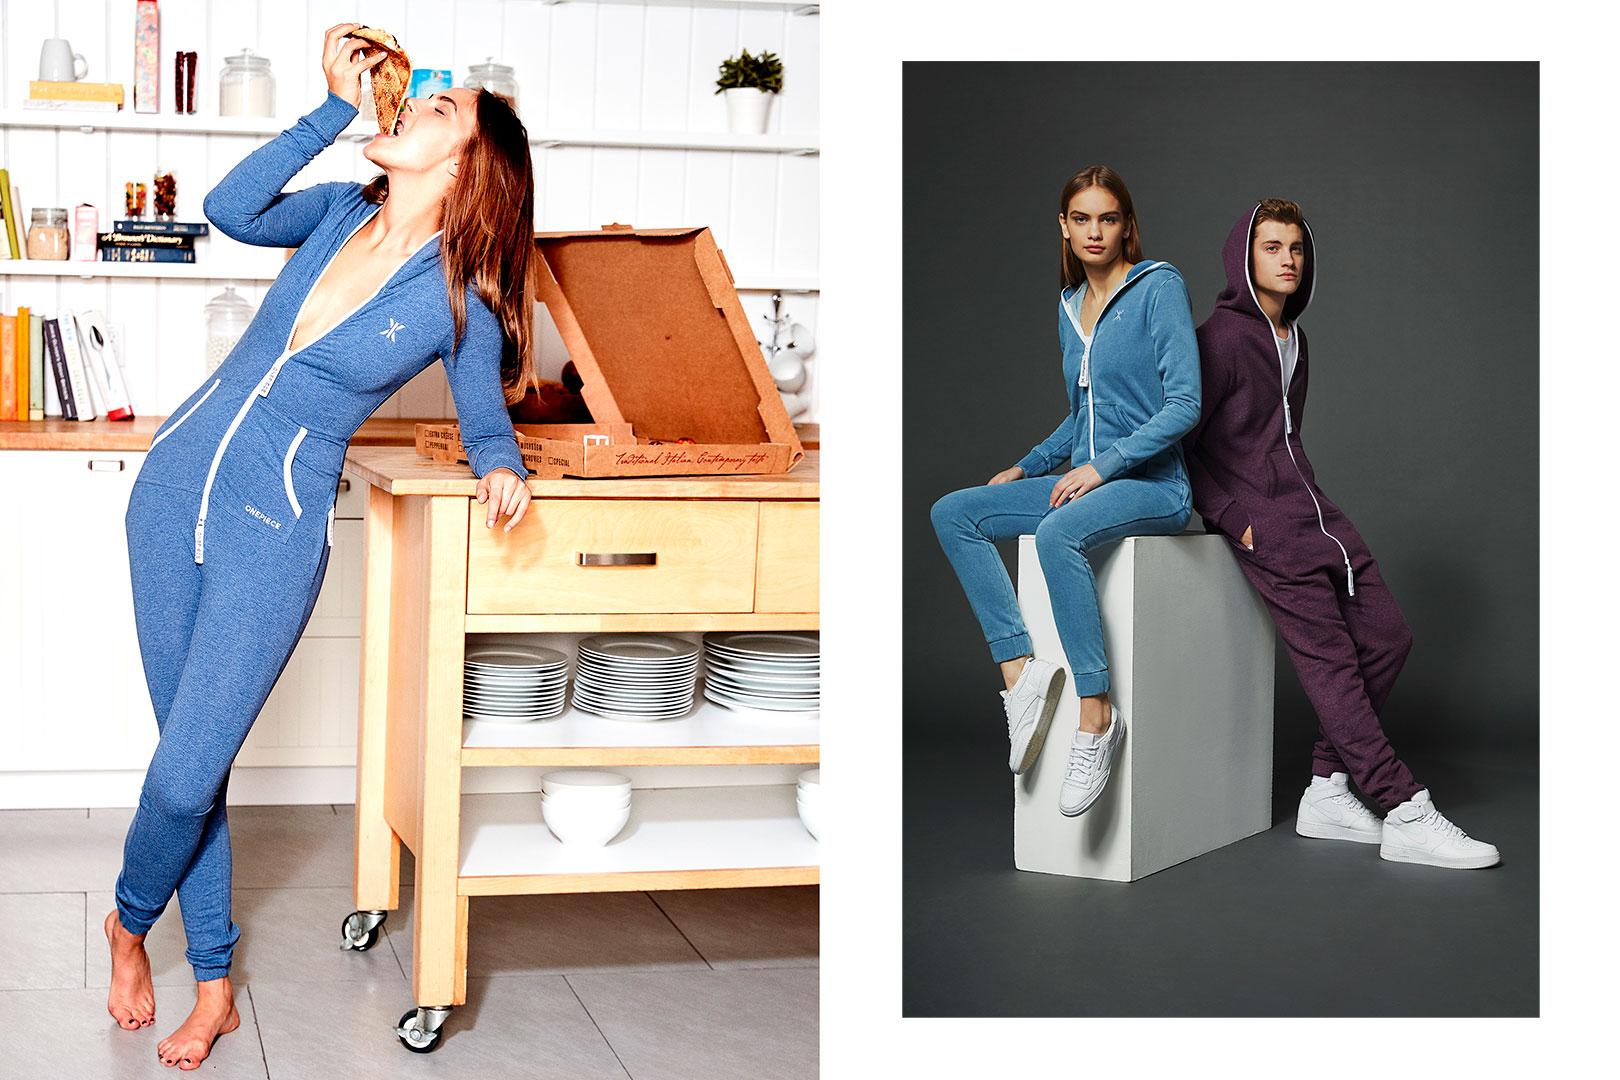 Bequeme Jumpsuits mit einem Fokus auf unisex Styles